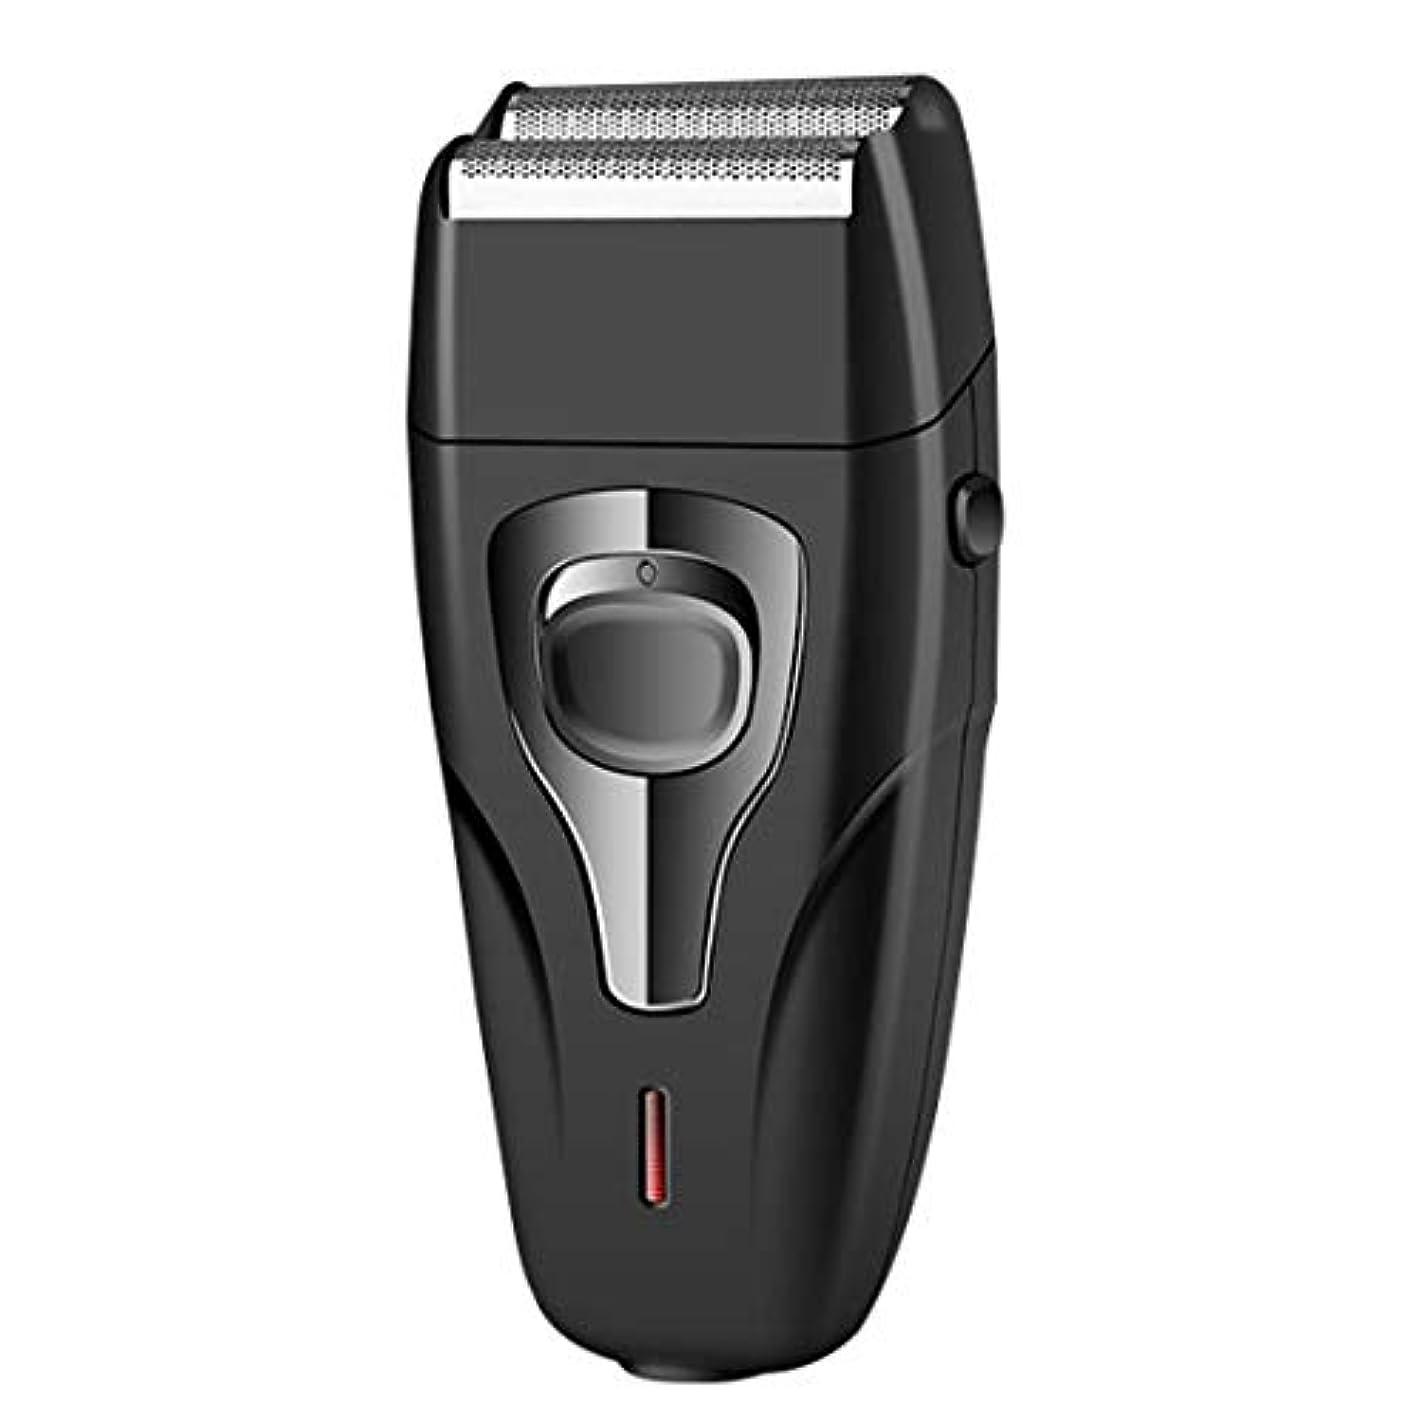 評論家隔離伝染性の充電式電気シェーバー用男性ツインブレード往復かみそりフェイスケア多機能髪ひげトリマー理容ツール